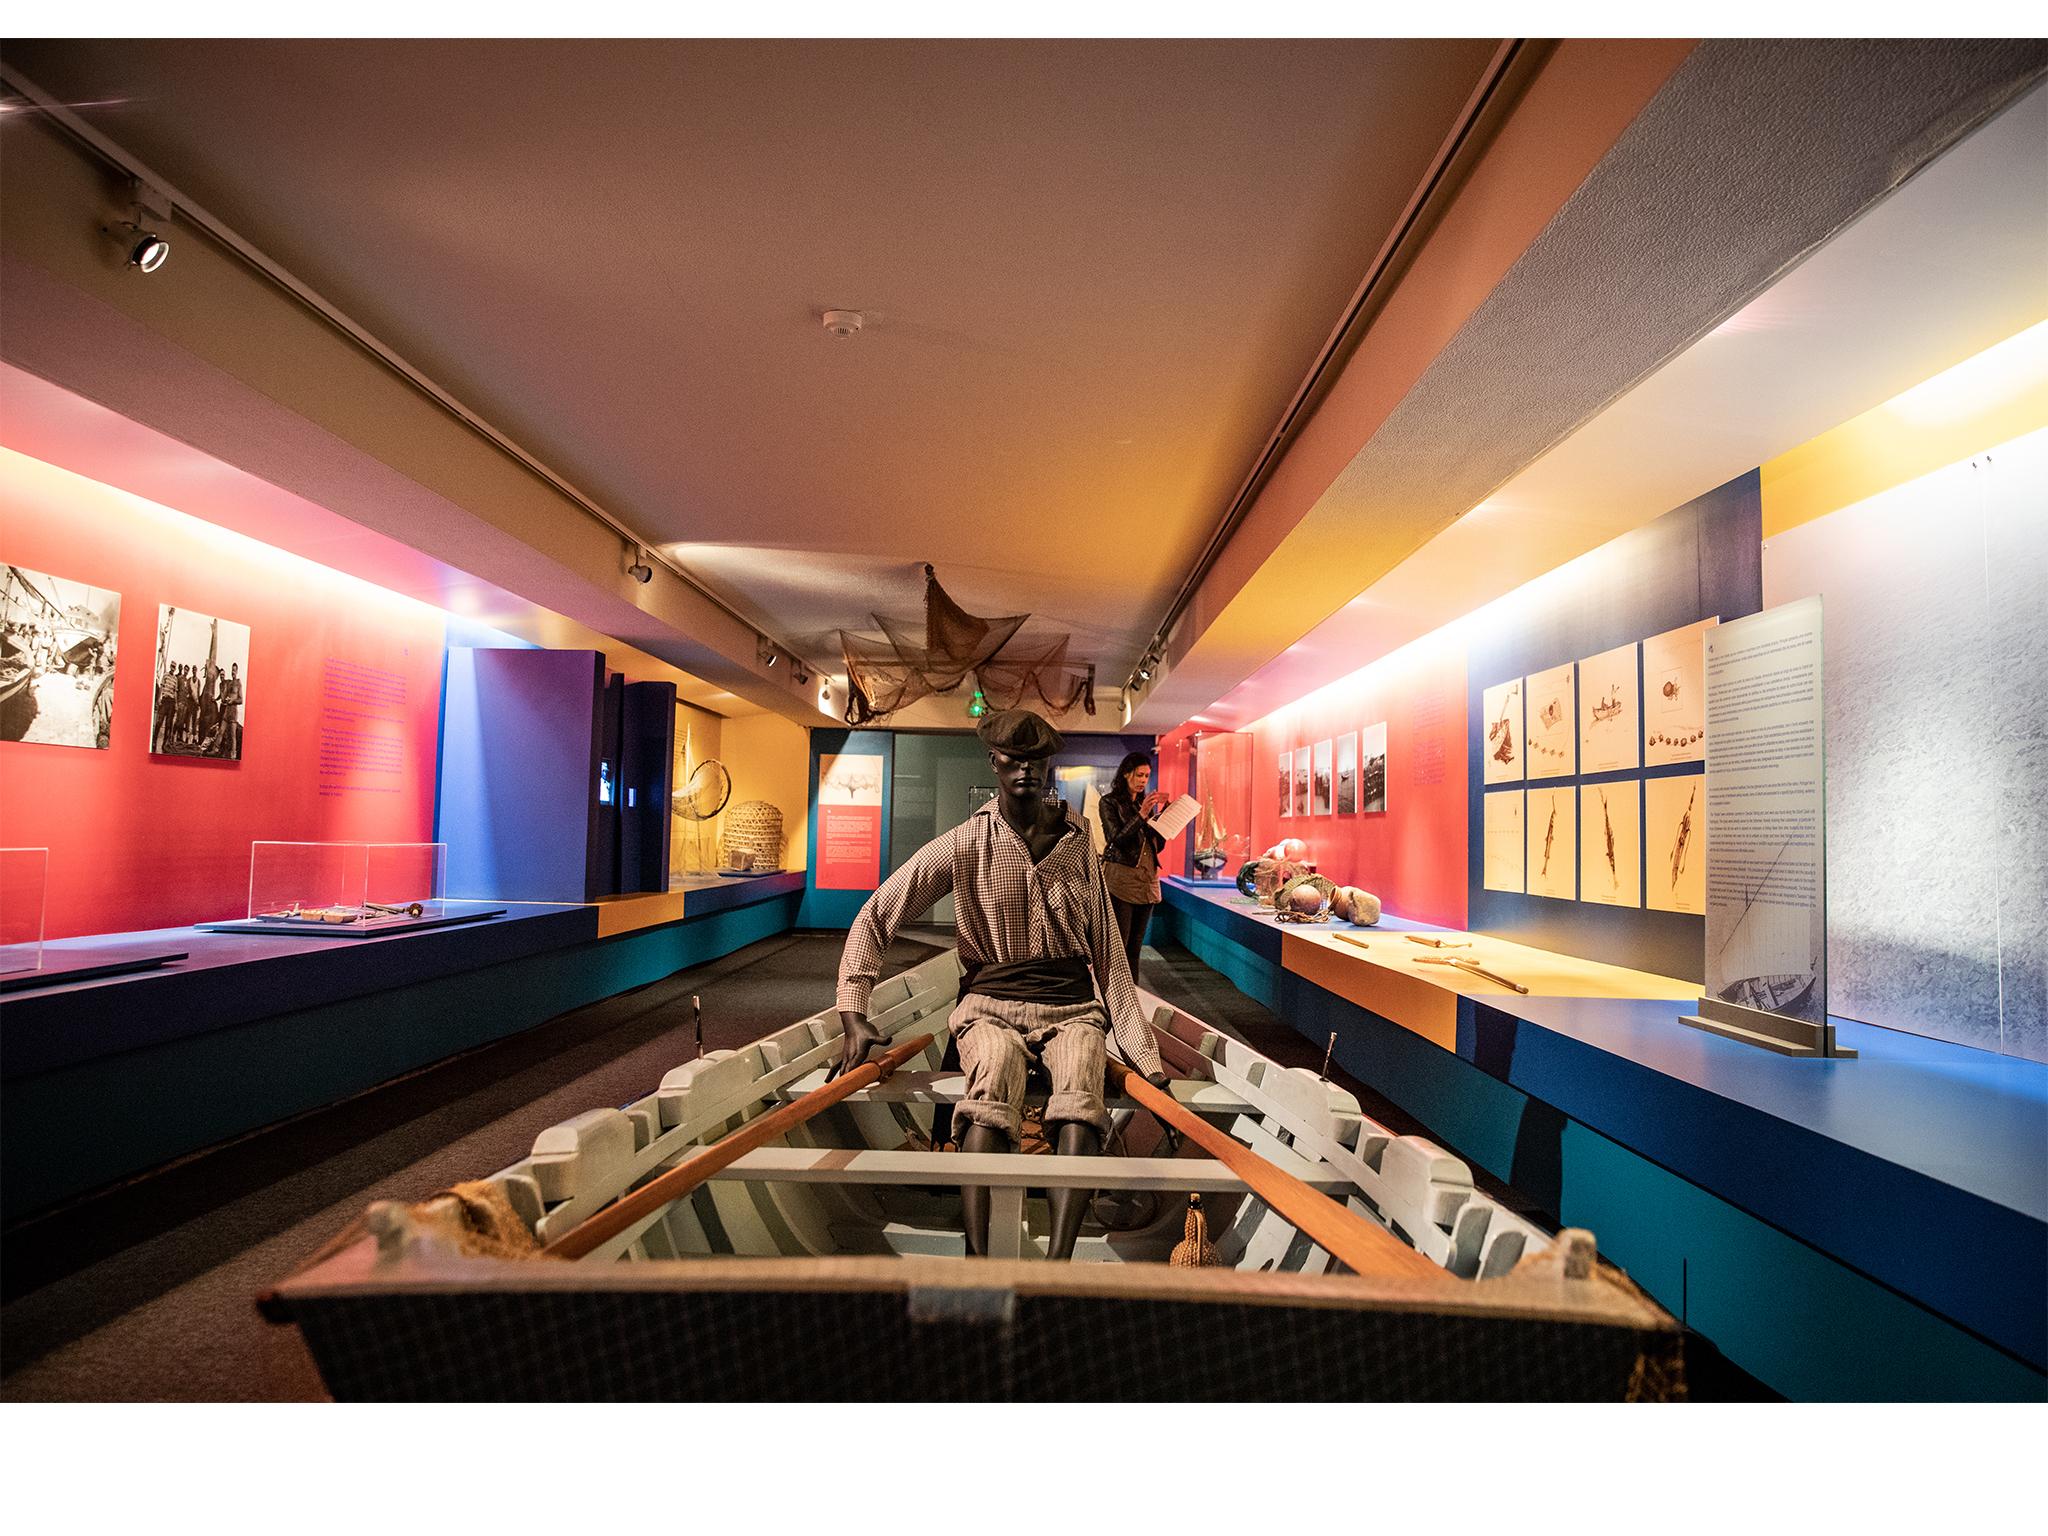 Museus, Museu do Mar D. Carlos I, Cascais